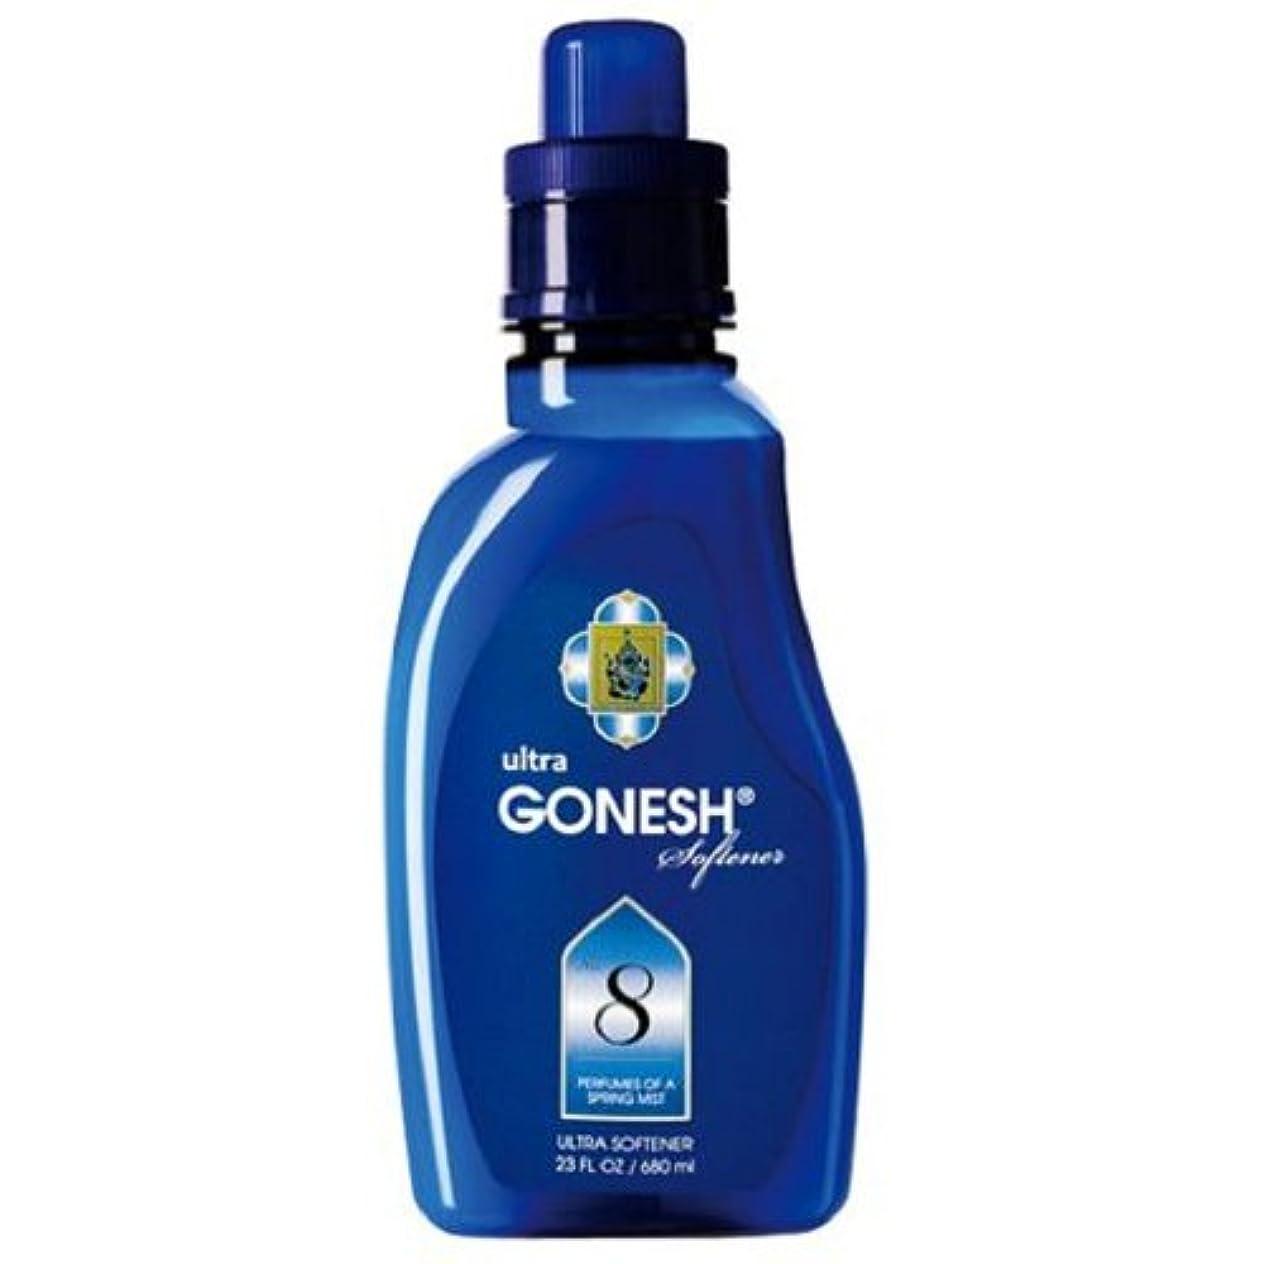 近似シャイニング部族GONESH(ガーネッシュ)ウルトラソフナー NO.8 680ml 柔軟剤 (ほのかに甘いフルーツ系の香り)